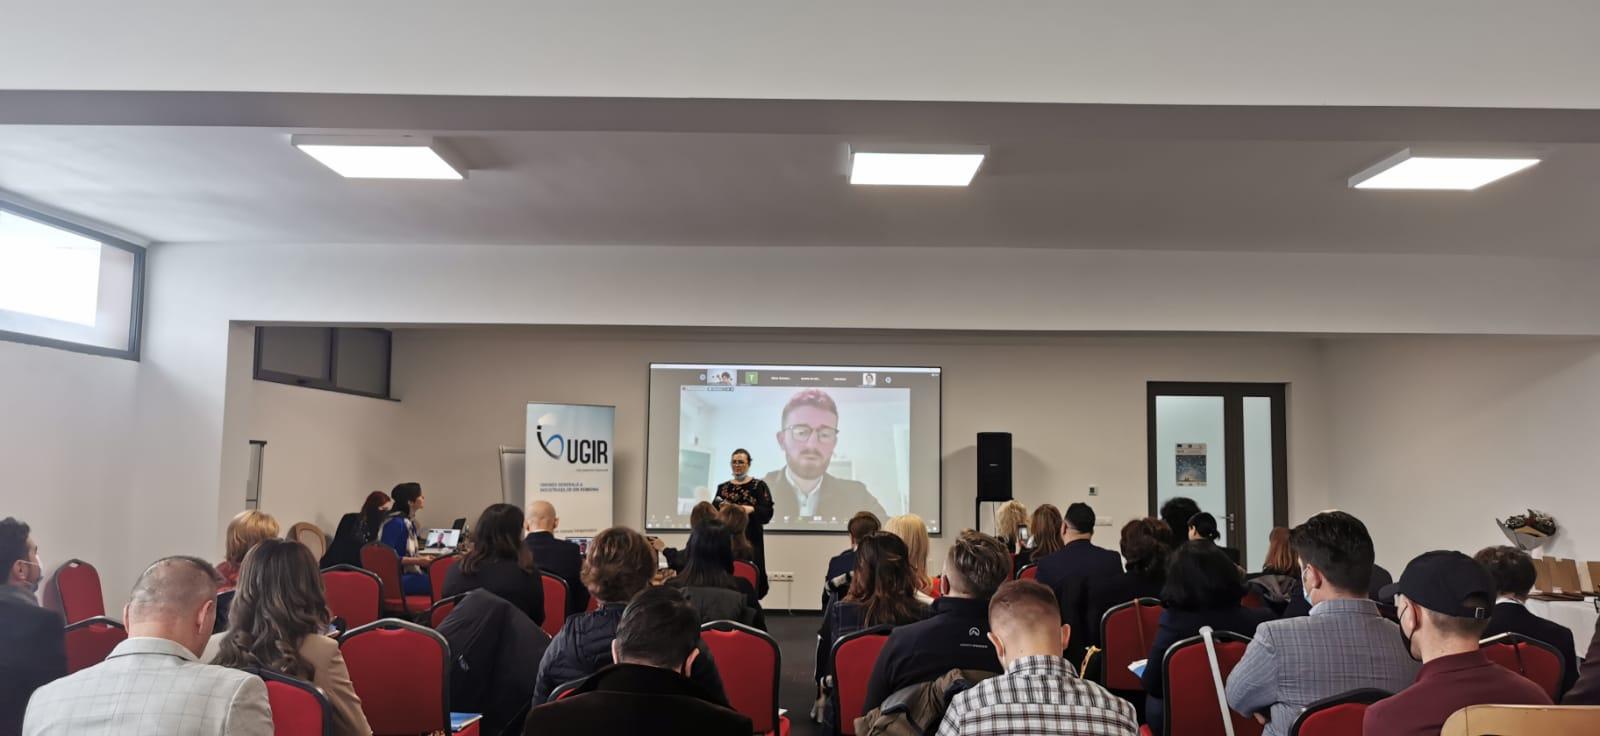 Dragoș Pâslaru, europarlamentar: 60% din IMM-urile din România sunt supraîndatorate și foarte vulnerabile